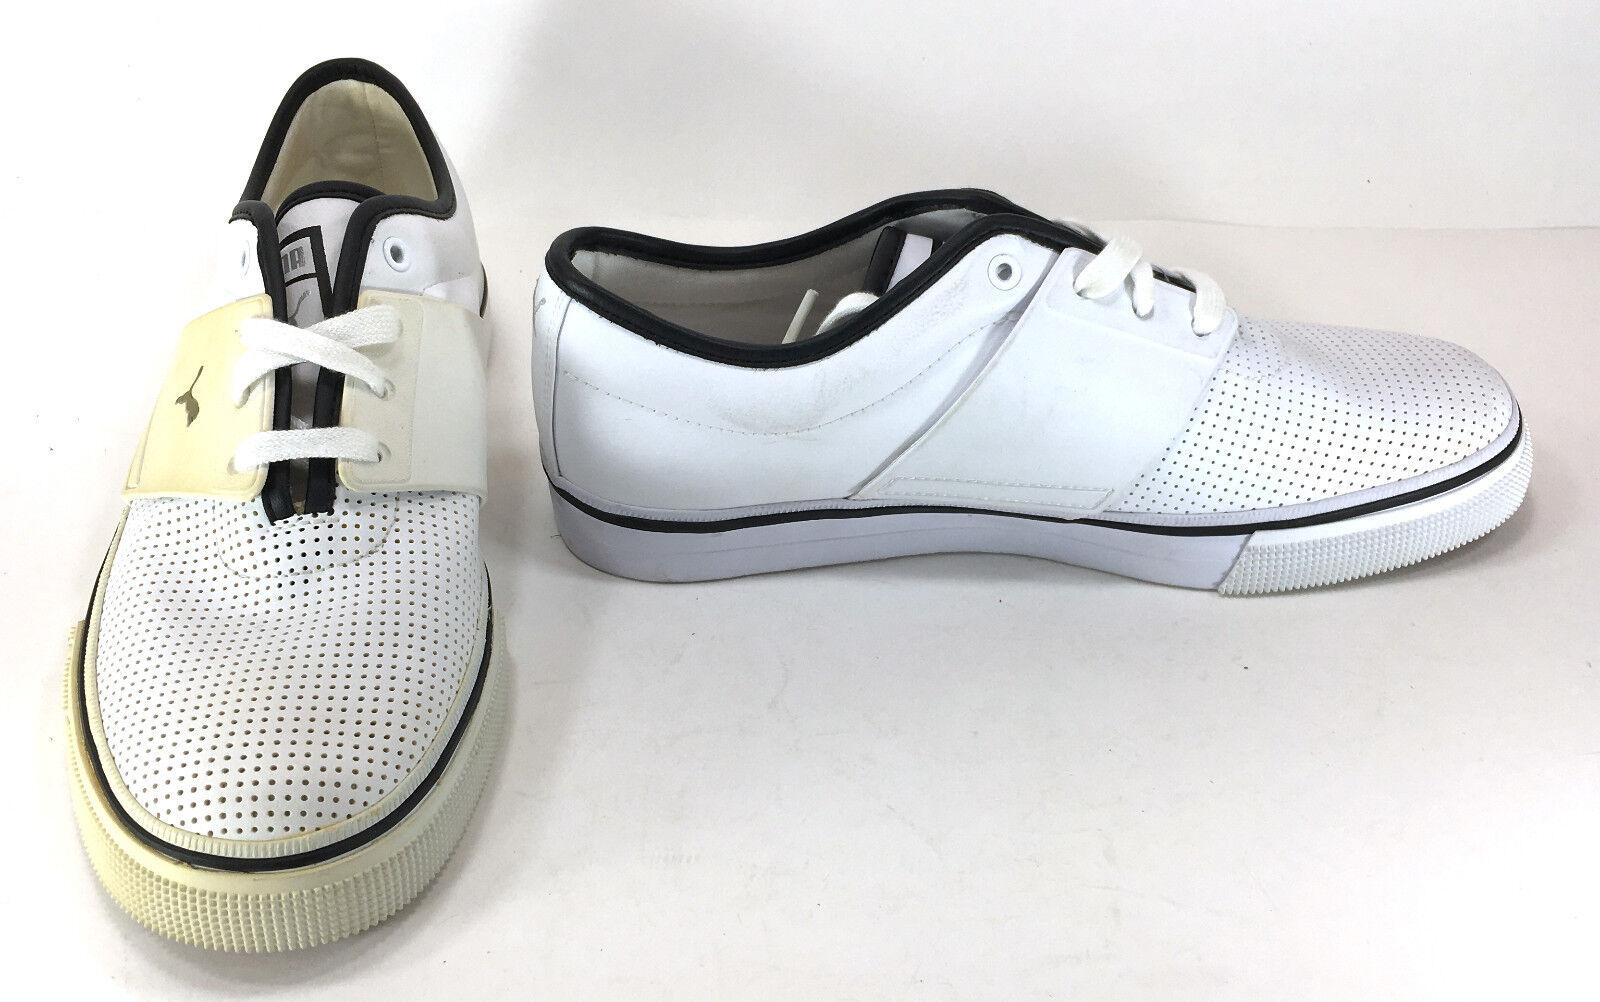 Zapatos Puma El Ace Perforada De Cuero blancoo Negro Zapatillas Tamaño 8.5